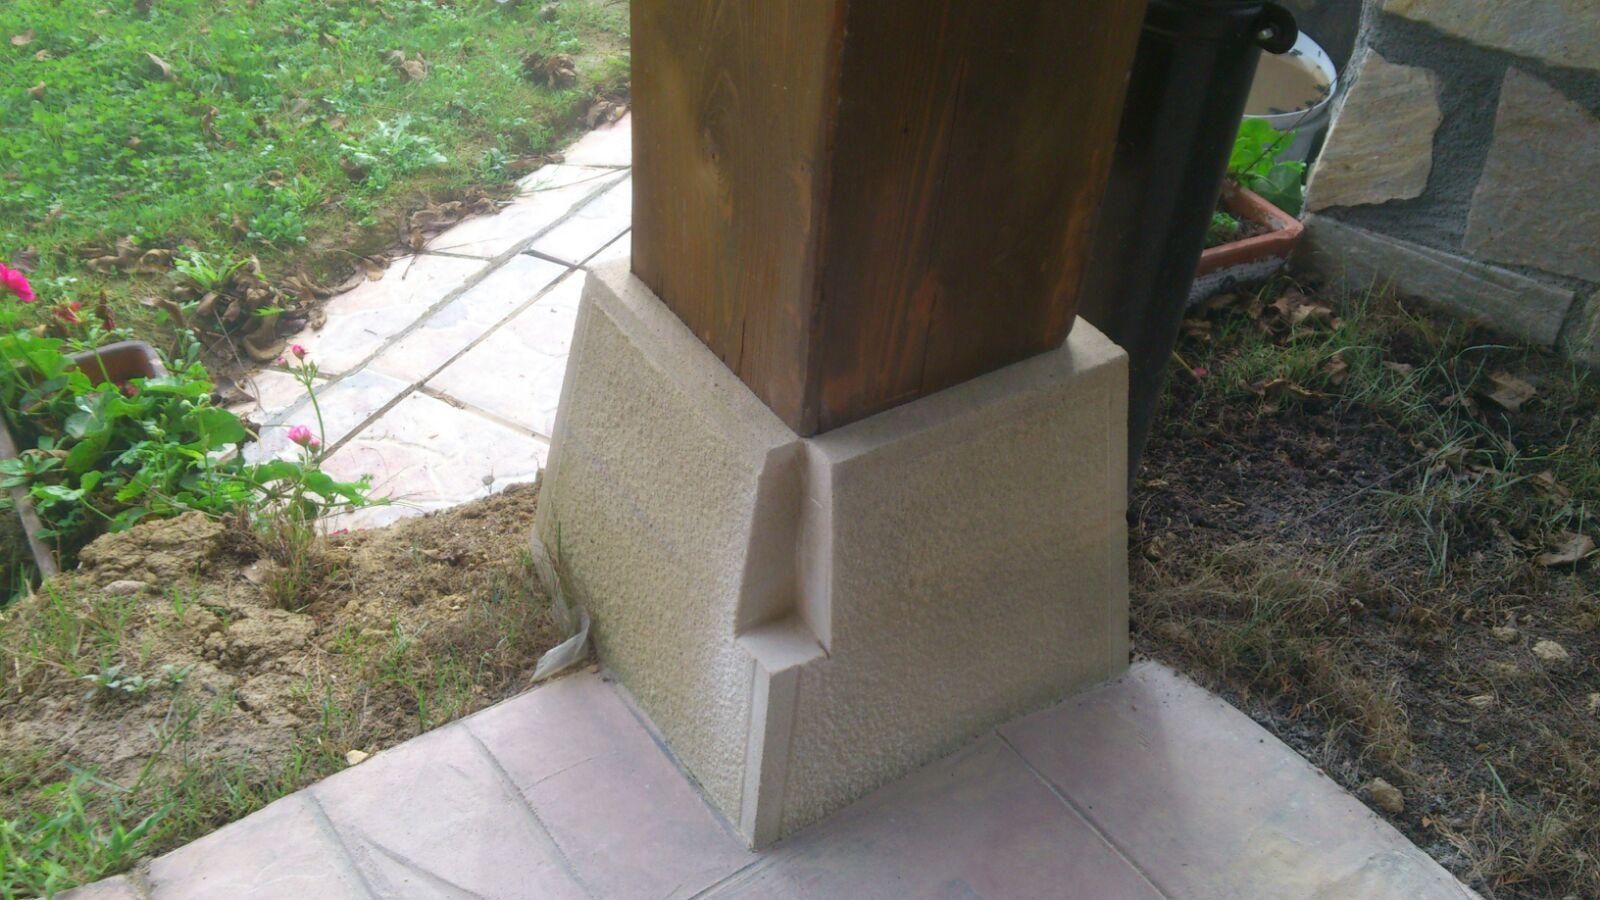 de las columnas y laterales en incluyendo puerta hecha totalmente artesanal para satisfacer demanda del cliente